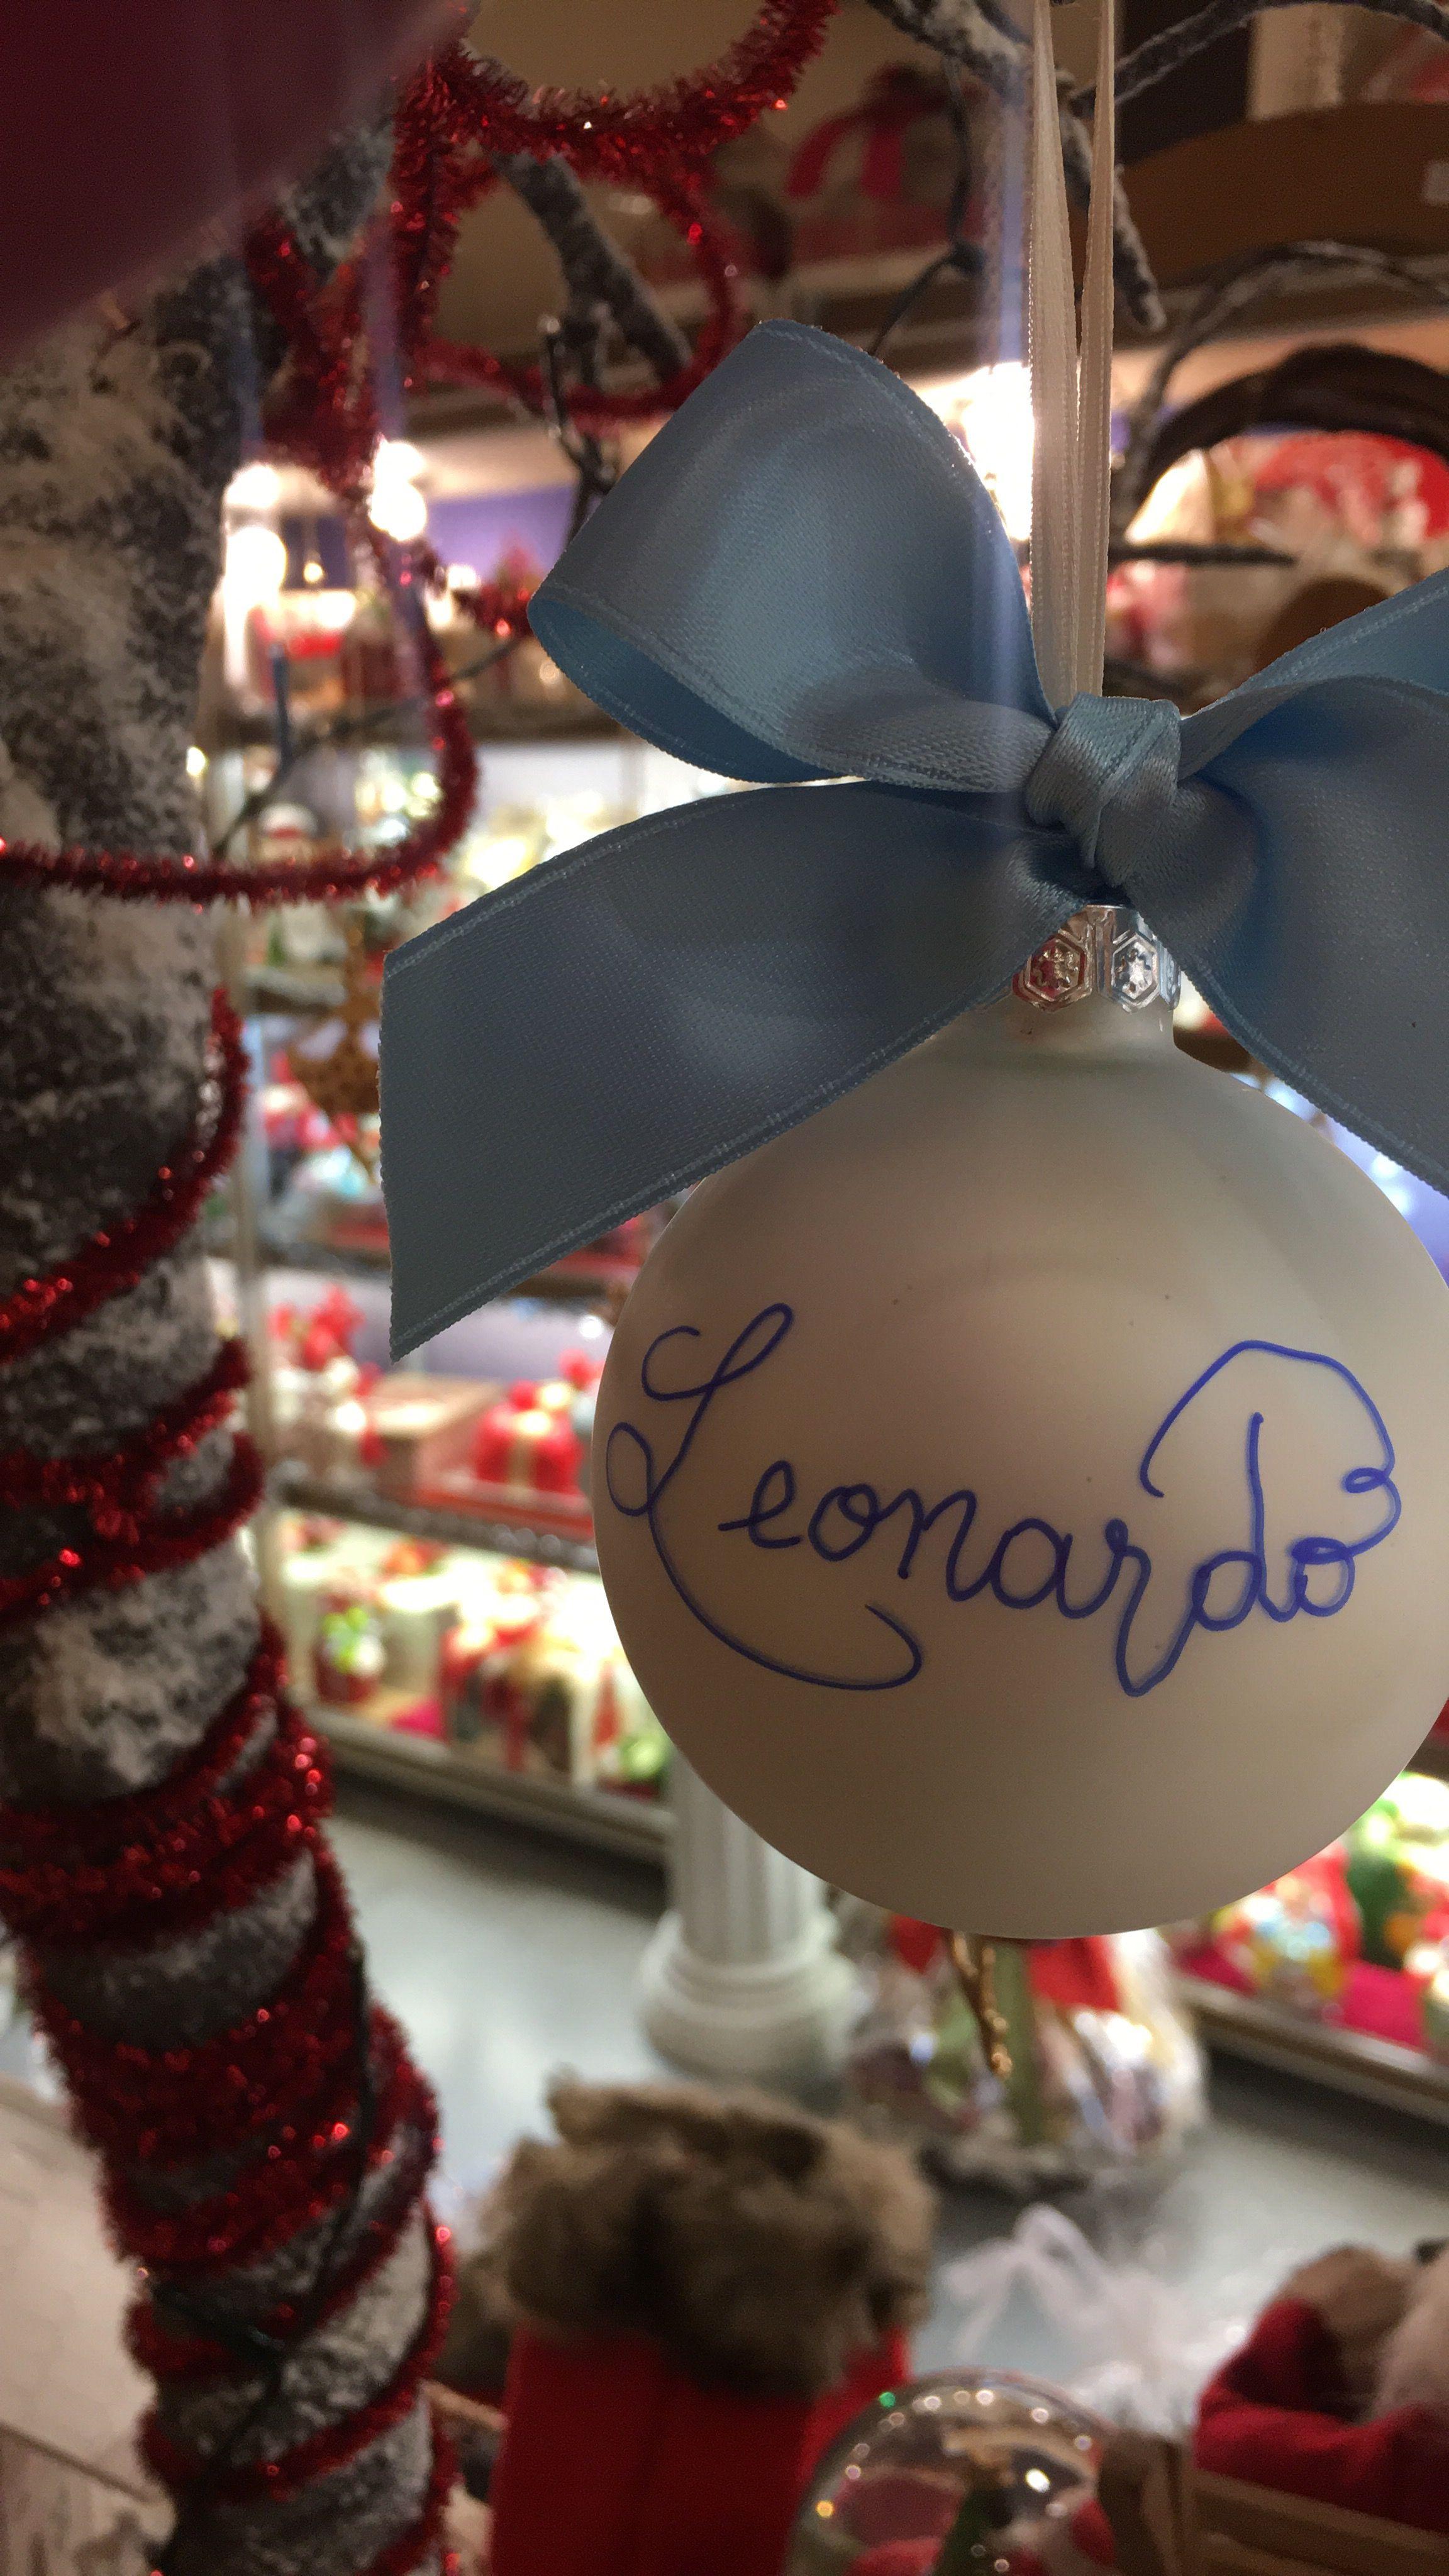 Immagini Di Natale Con Nomi.Pin Di Claudia Venturini Su Palline Di Natale Con Nome